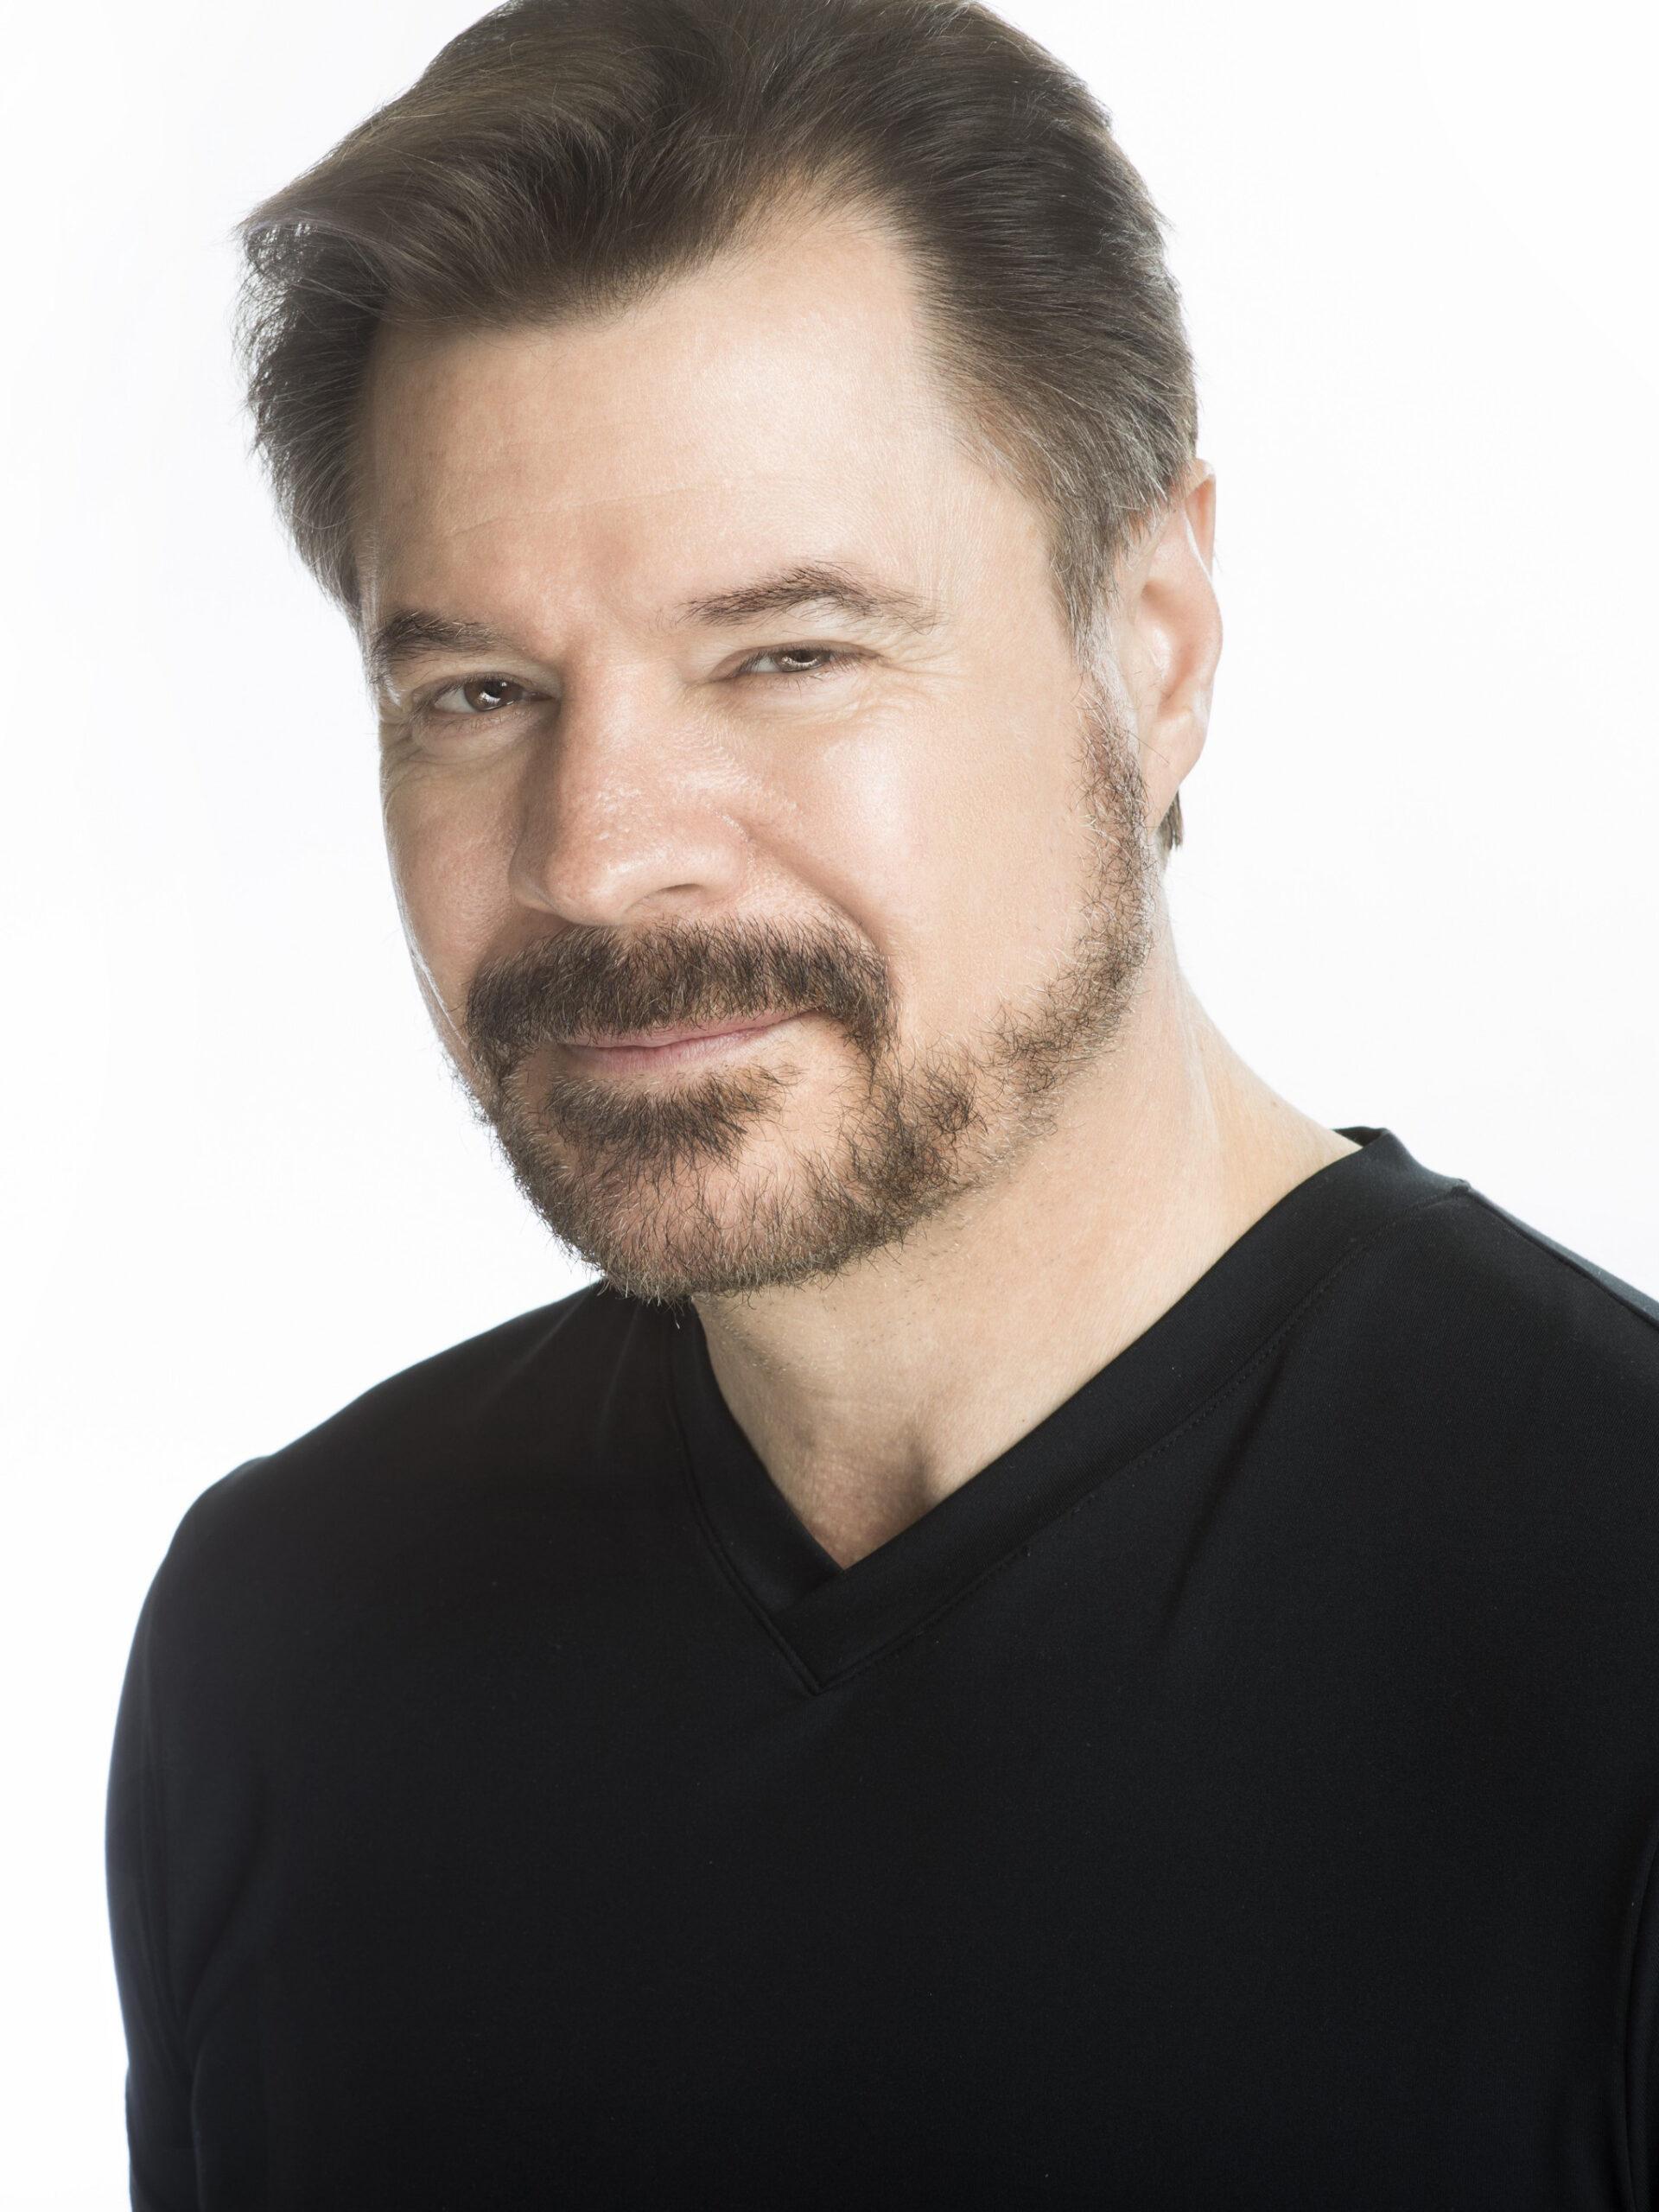 Paul Nadeau